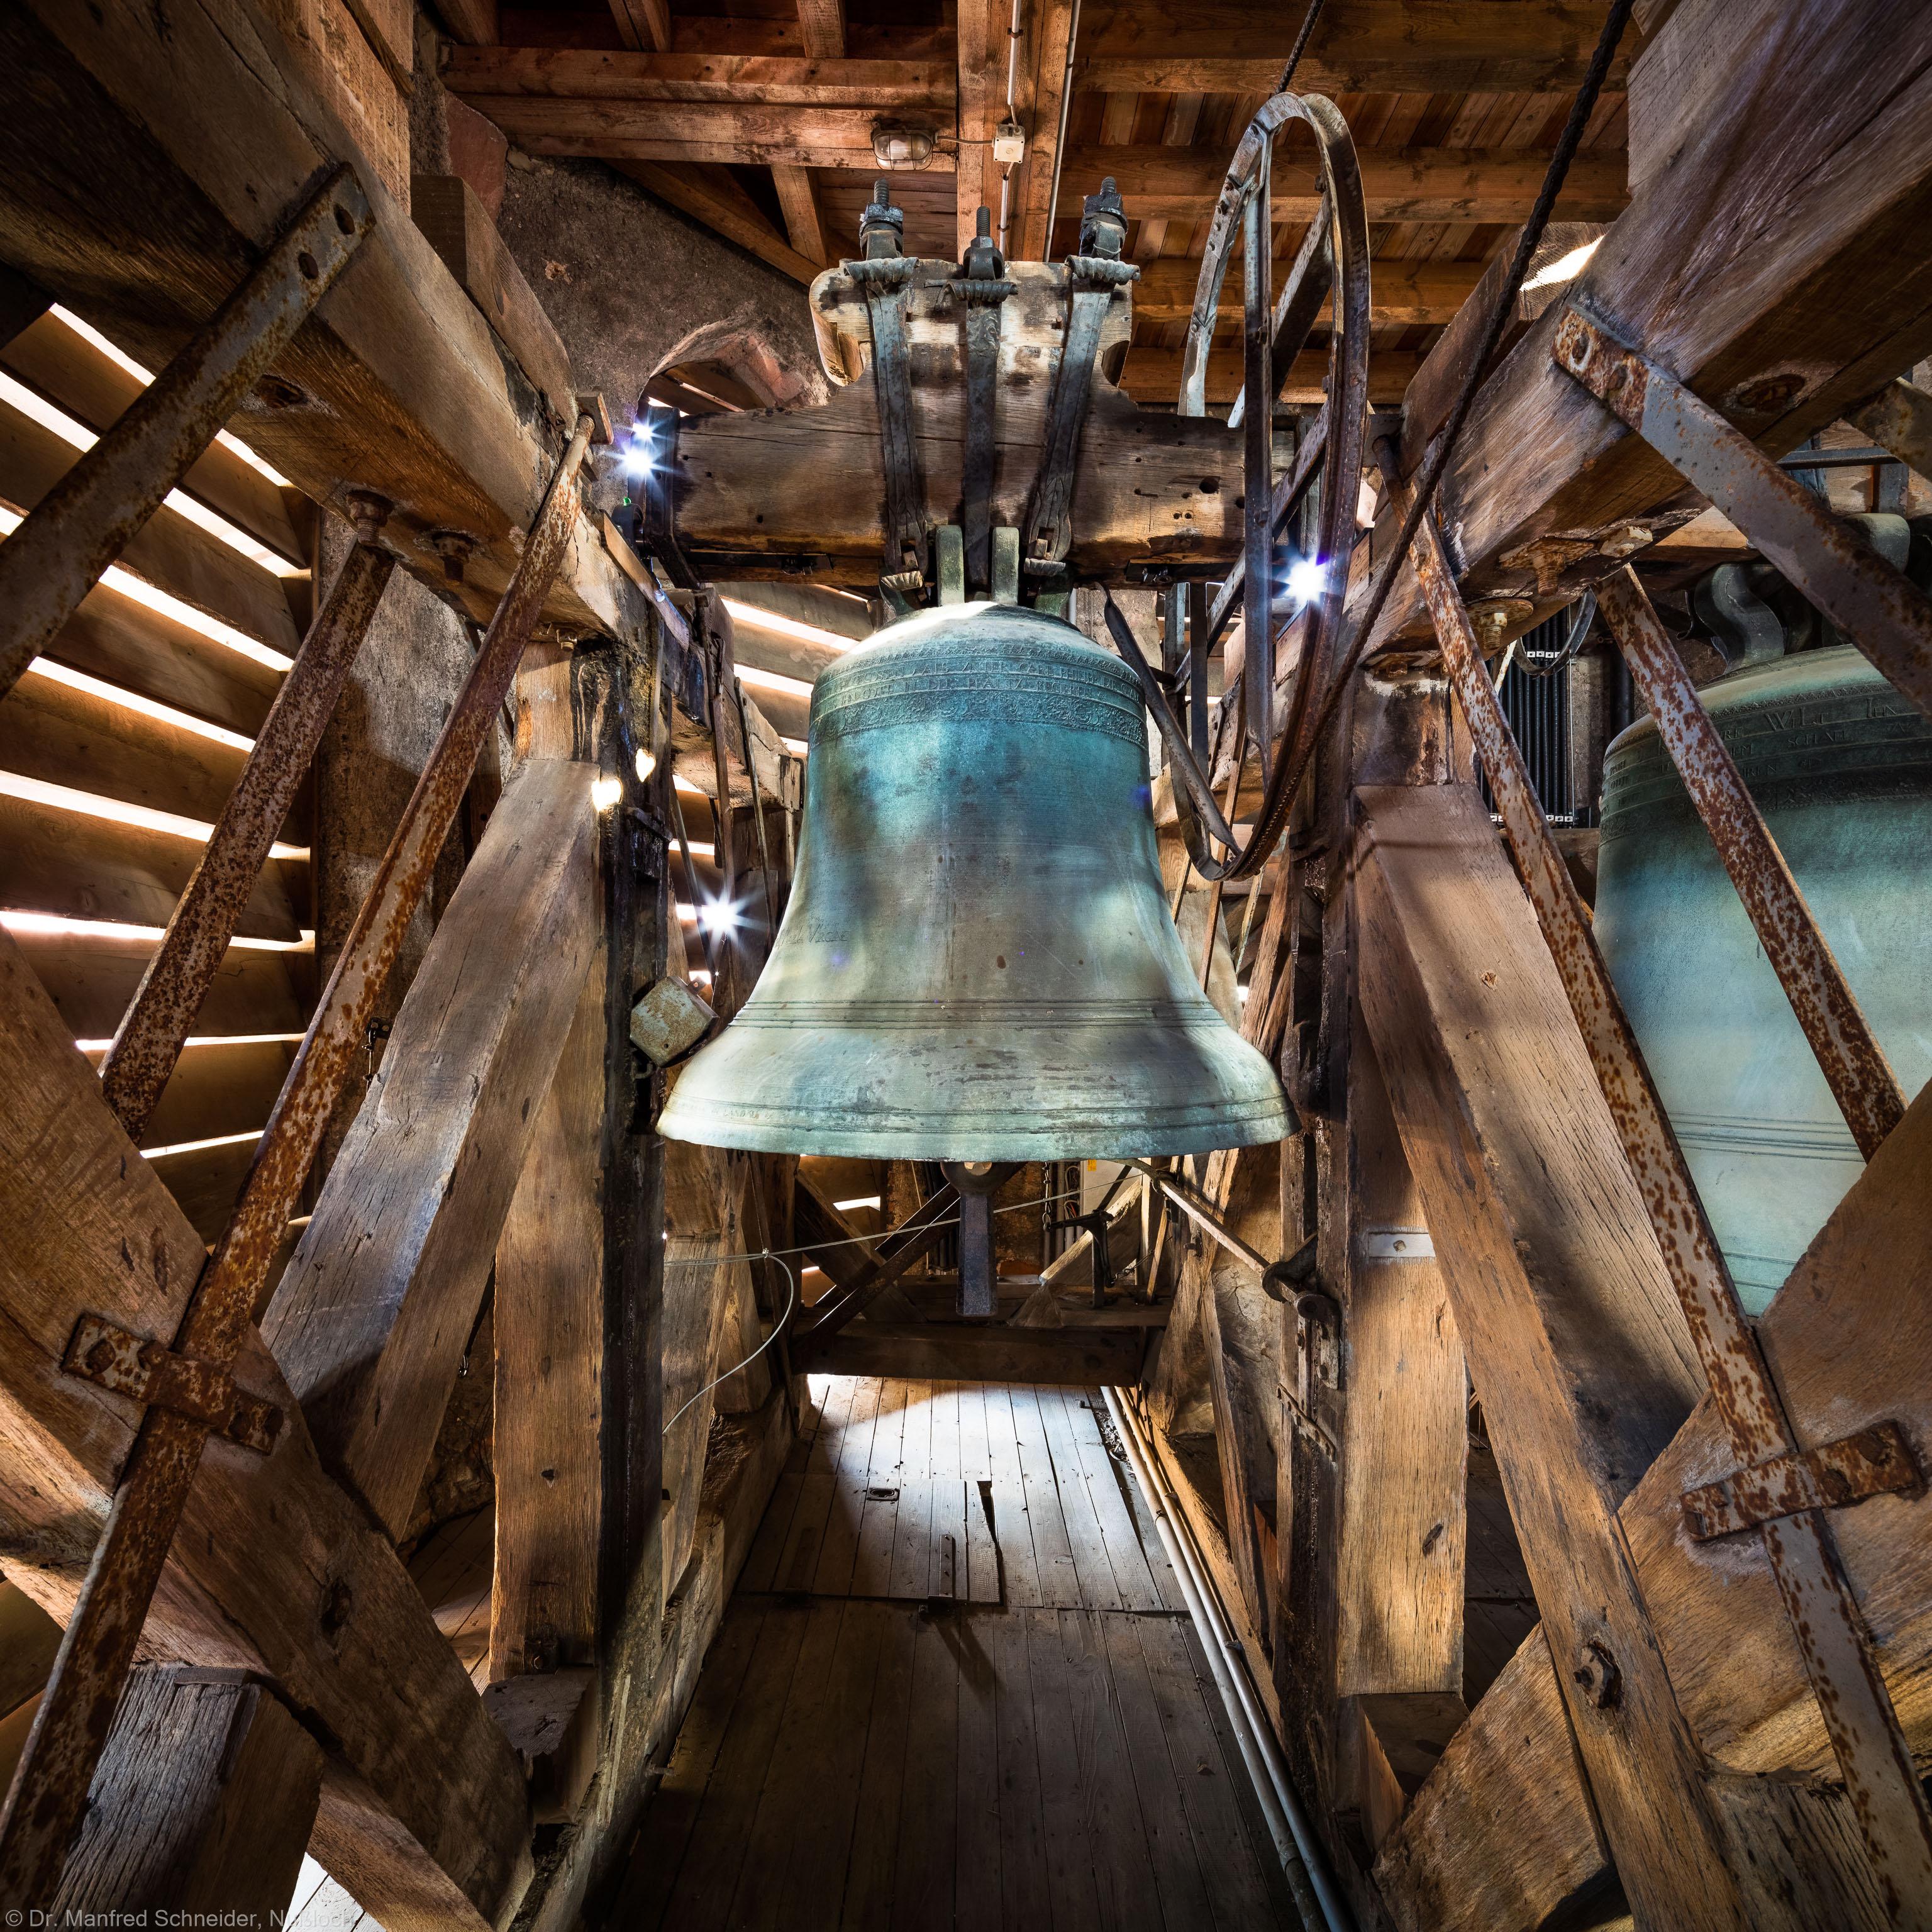 Heidelberg - Heiliggeistkirche - Glockenstuhl - Maria-Glocke von 1738 (Durchmesser 118,5 cm), von Westen aus gesehen (aufgenommen im November 2015, am frühen Nachmittag)